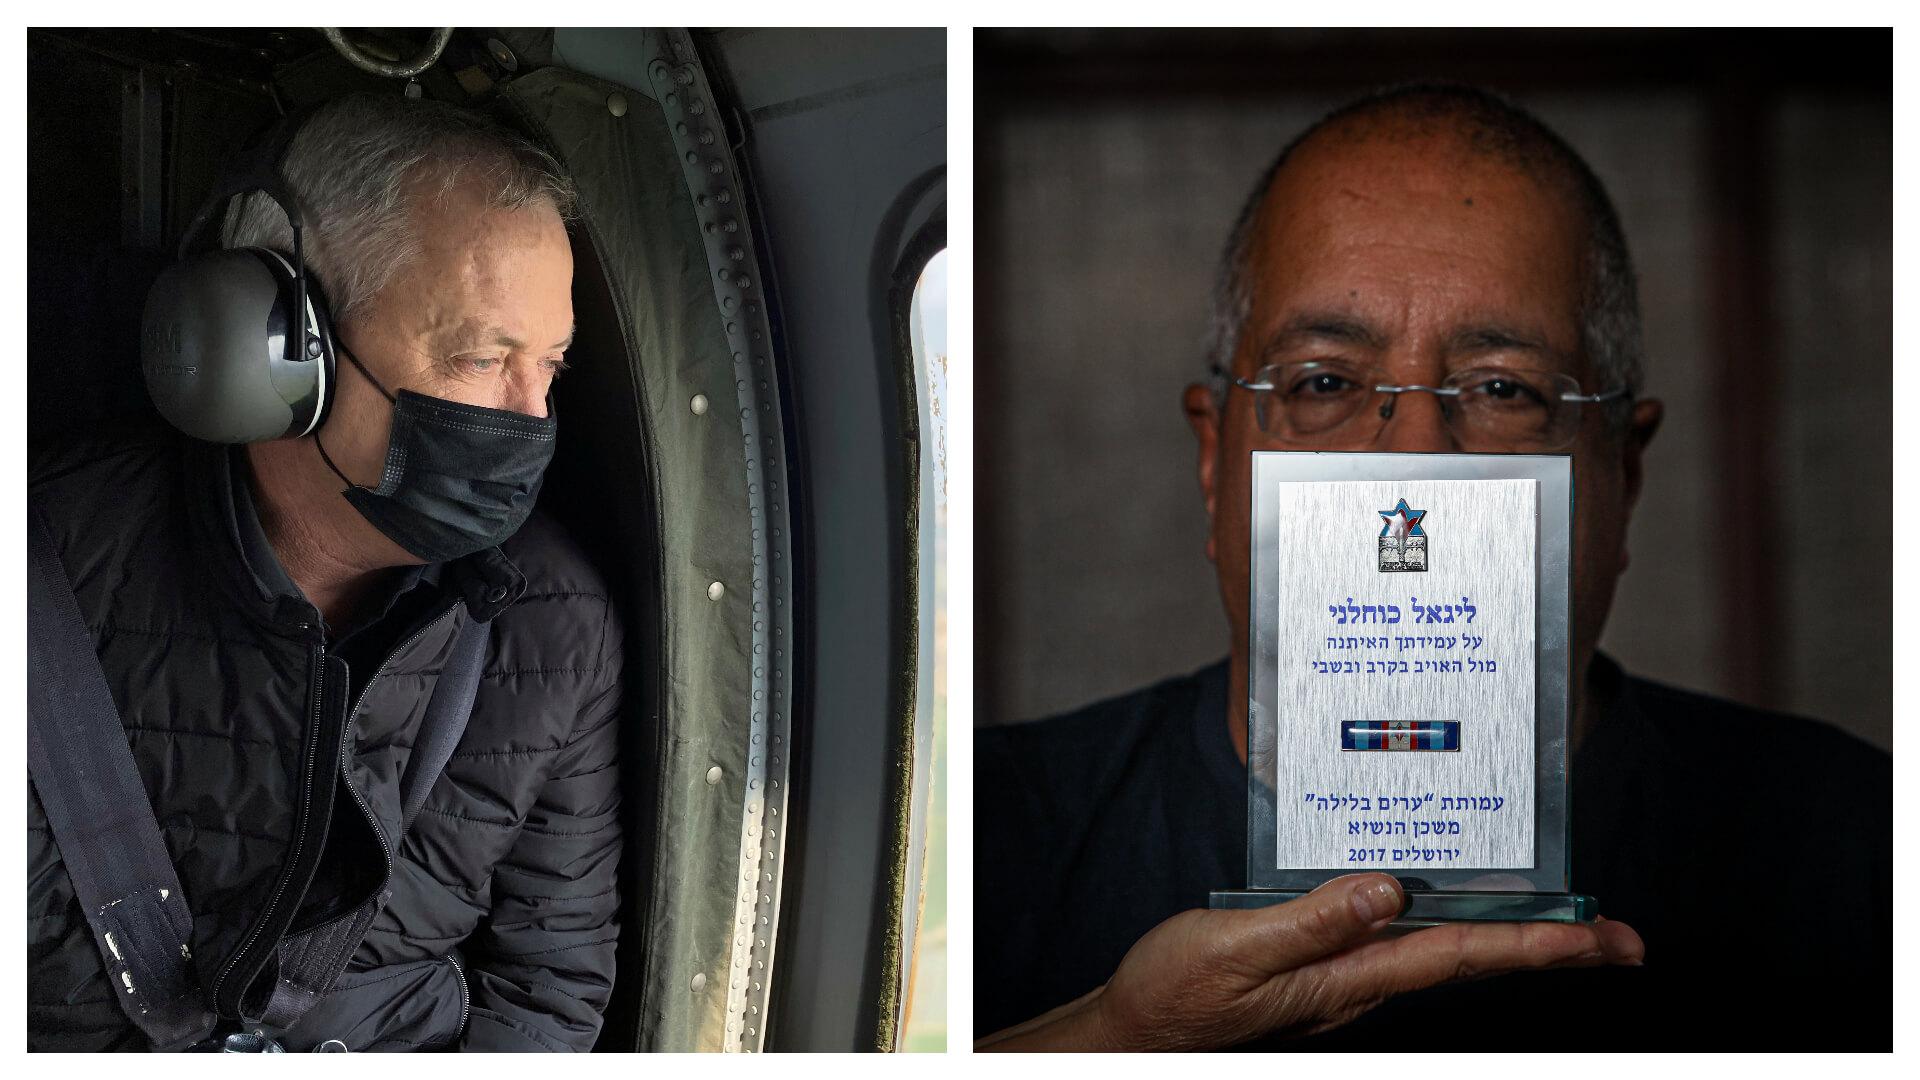 יו״ר עמותת ״ערים בלילה״ יגאל כוחלני (מימין) ושר הביטחון בני גנץ. צילומים: שלומי יוסף, רויטרס